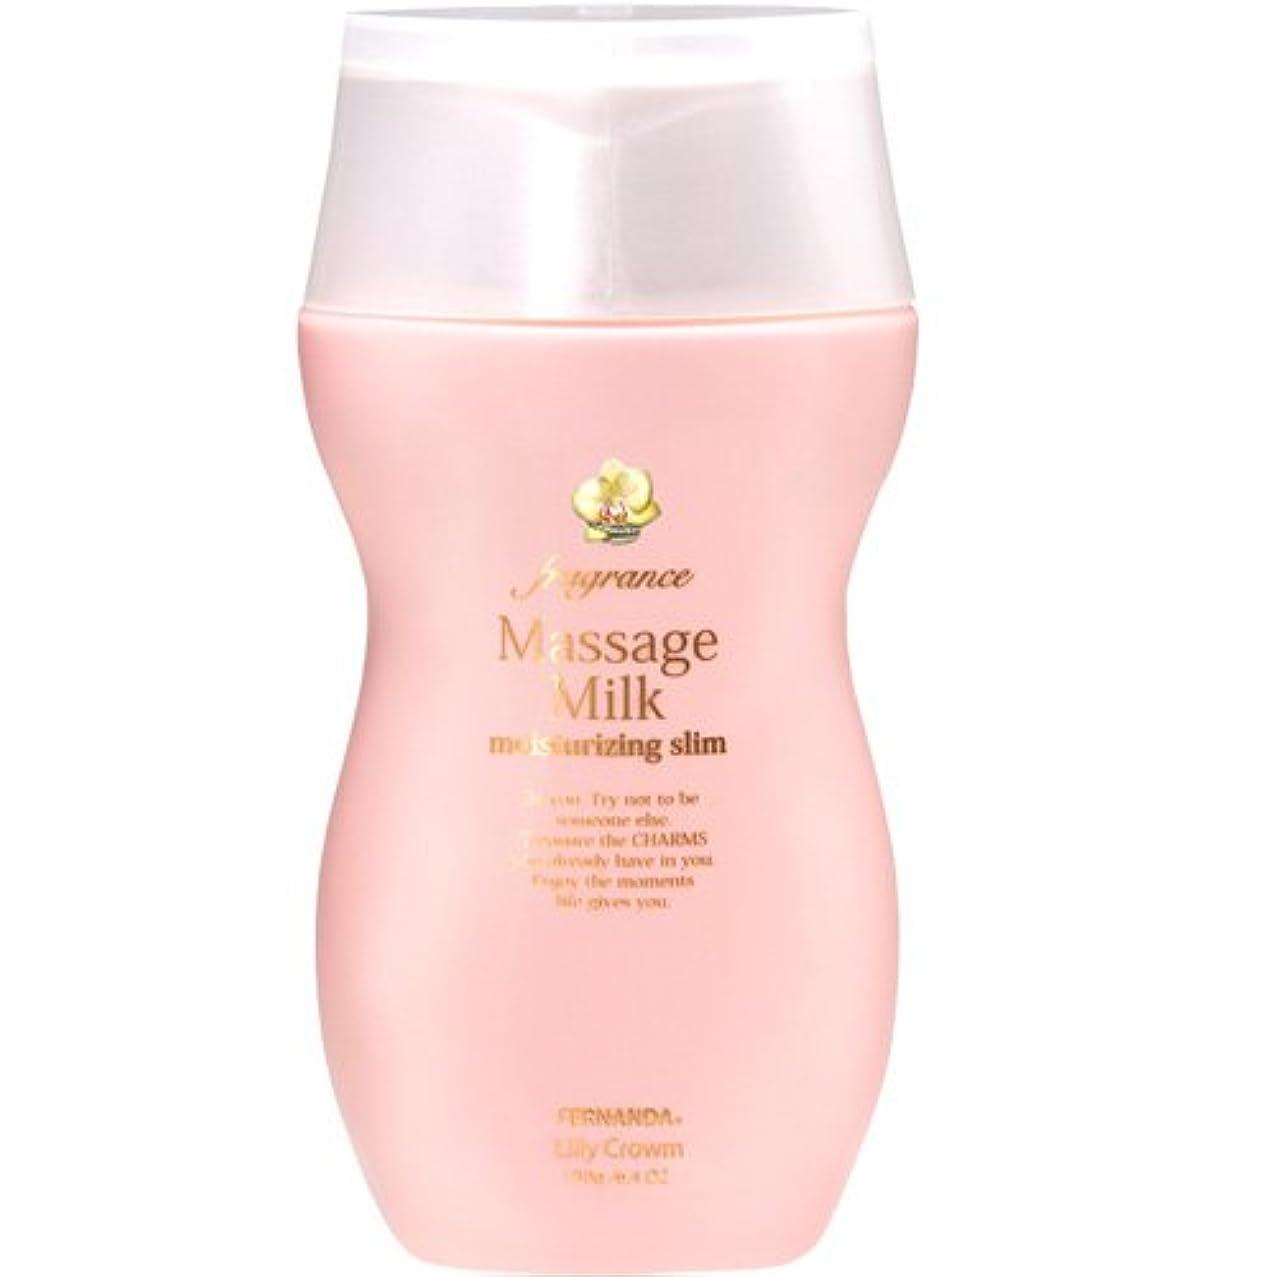 鋼緩む支払いFERNANDA(フェルナンダ) Massage Milk Lilly Crown (マッサージミルク リリークラウン)